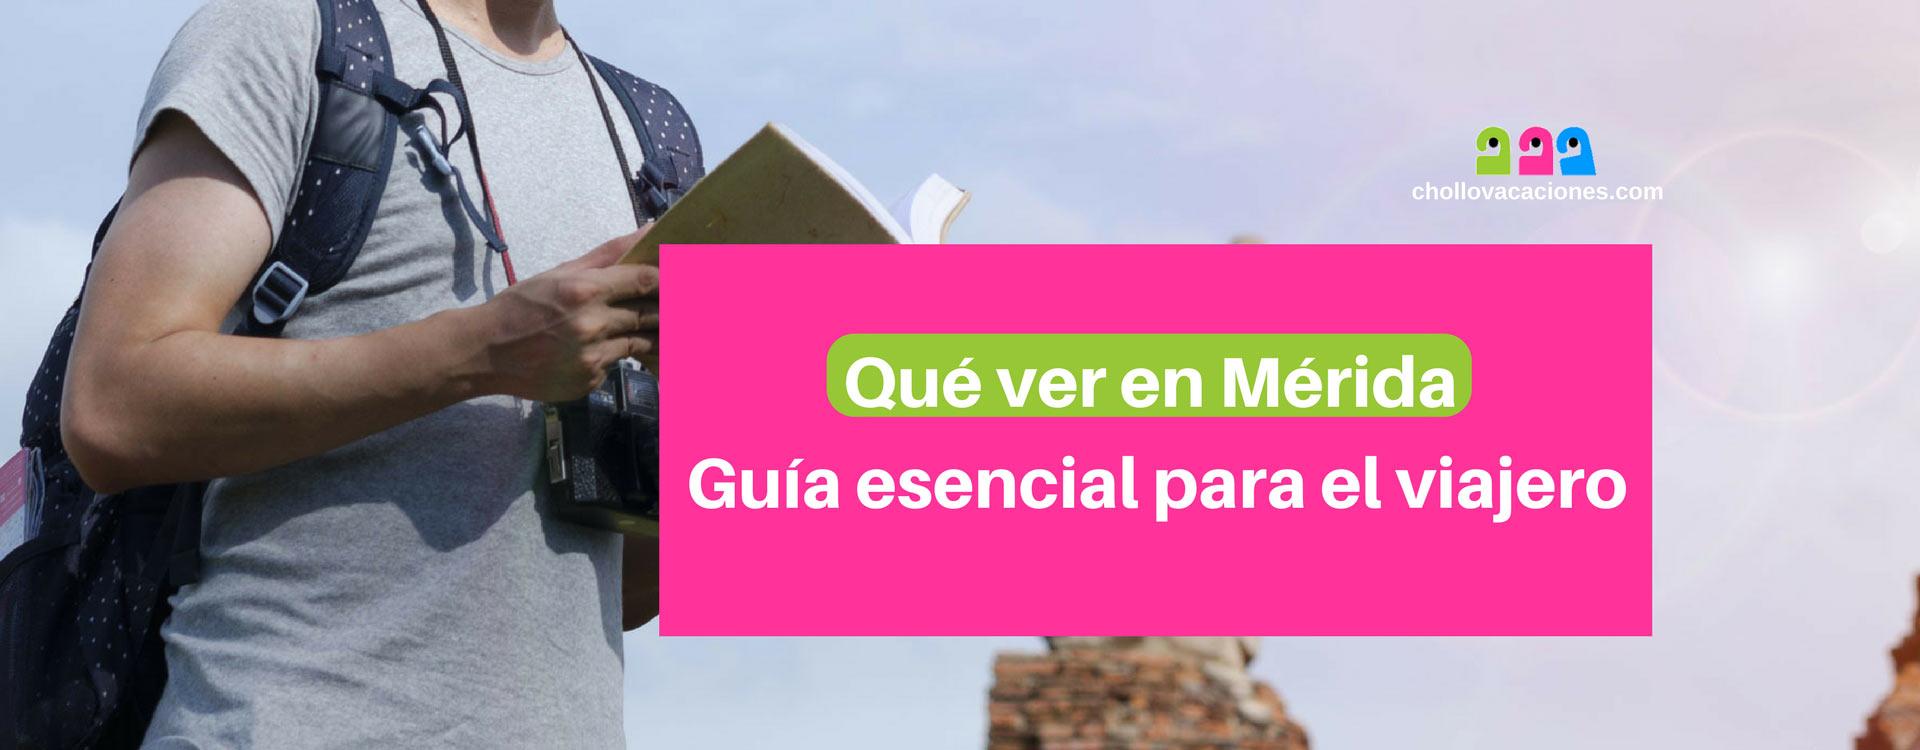 Qué ver en Mérida: Guía esencial para el viajero de turismo en Mérida